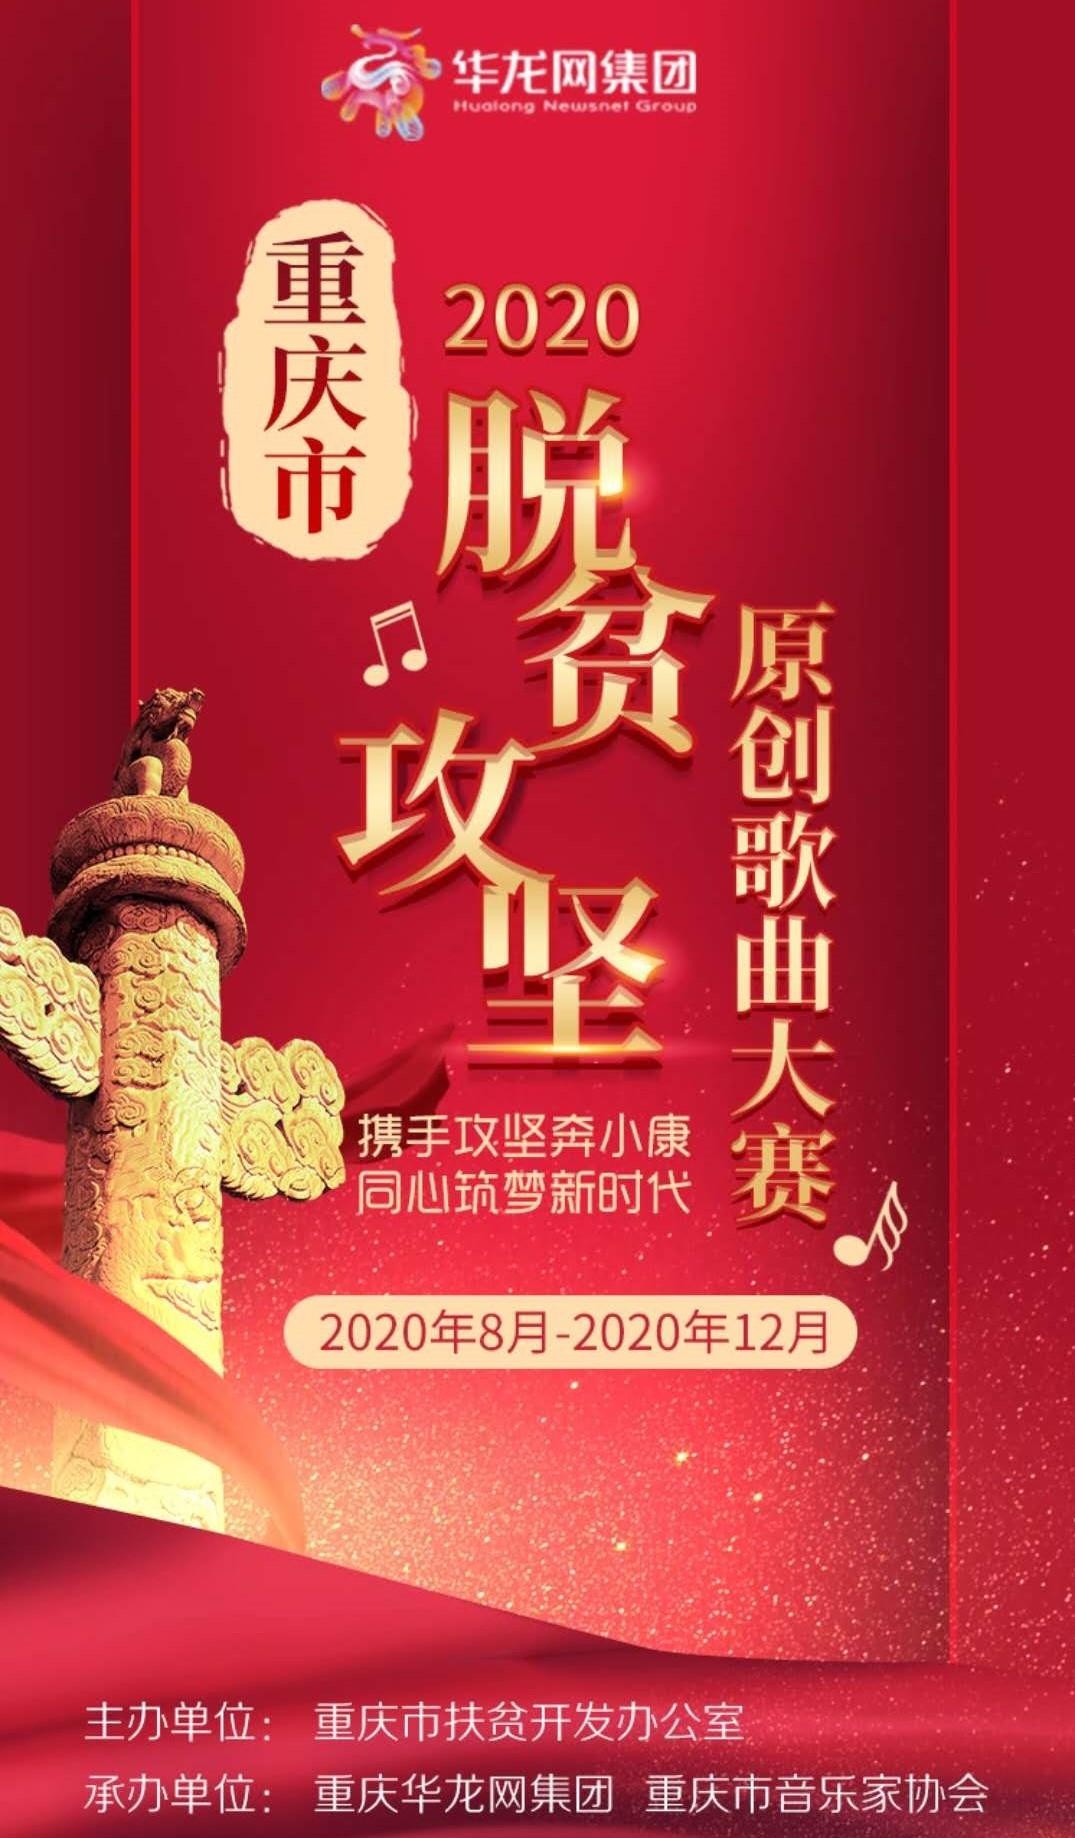 關于2020年重慶市脫貧攻堅原創歌曲征集大賽活動的通知